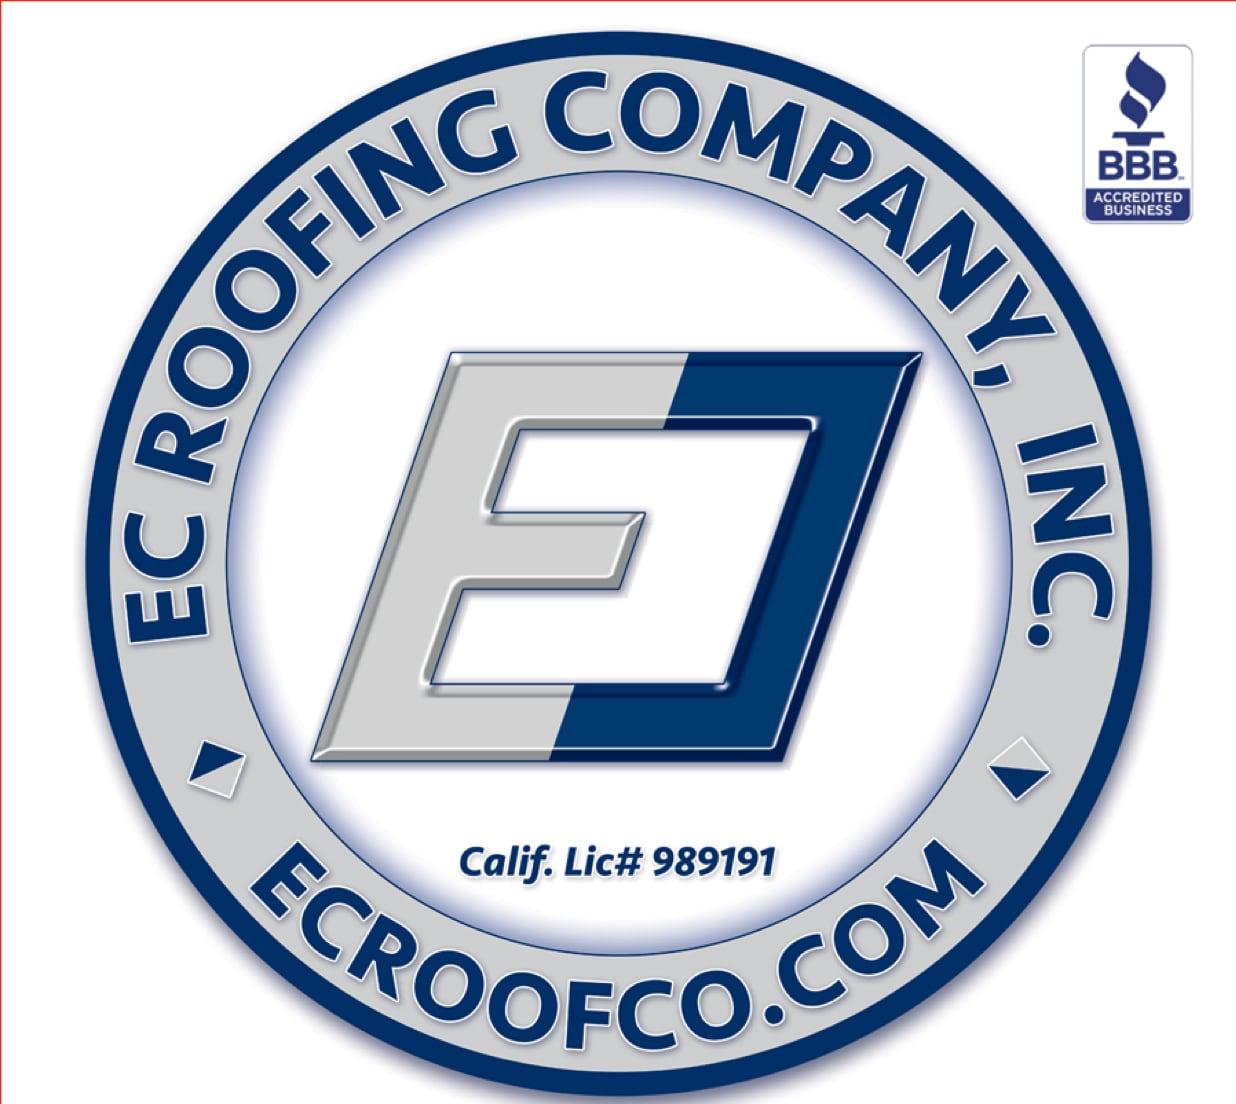 EC Roofing Company Inc